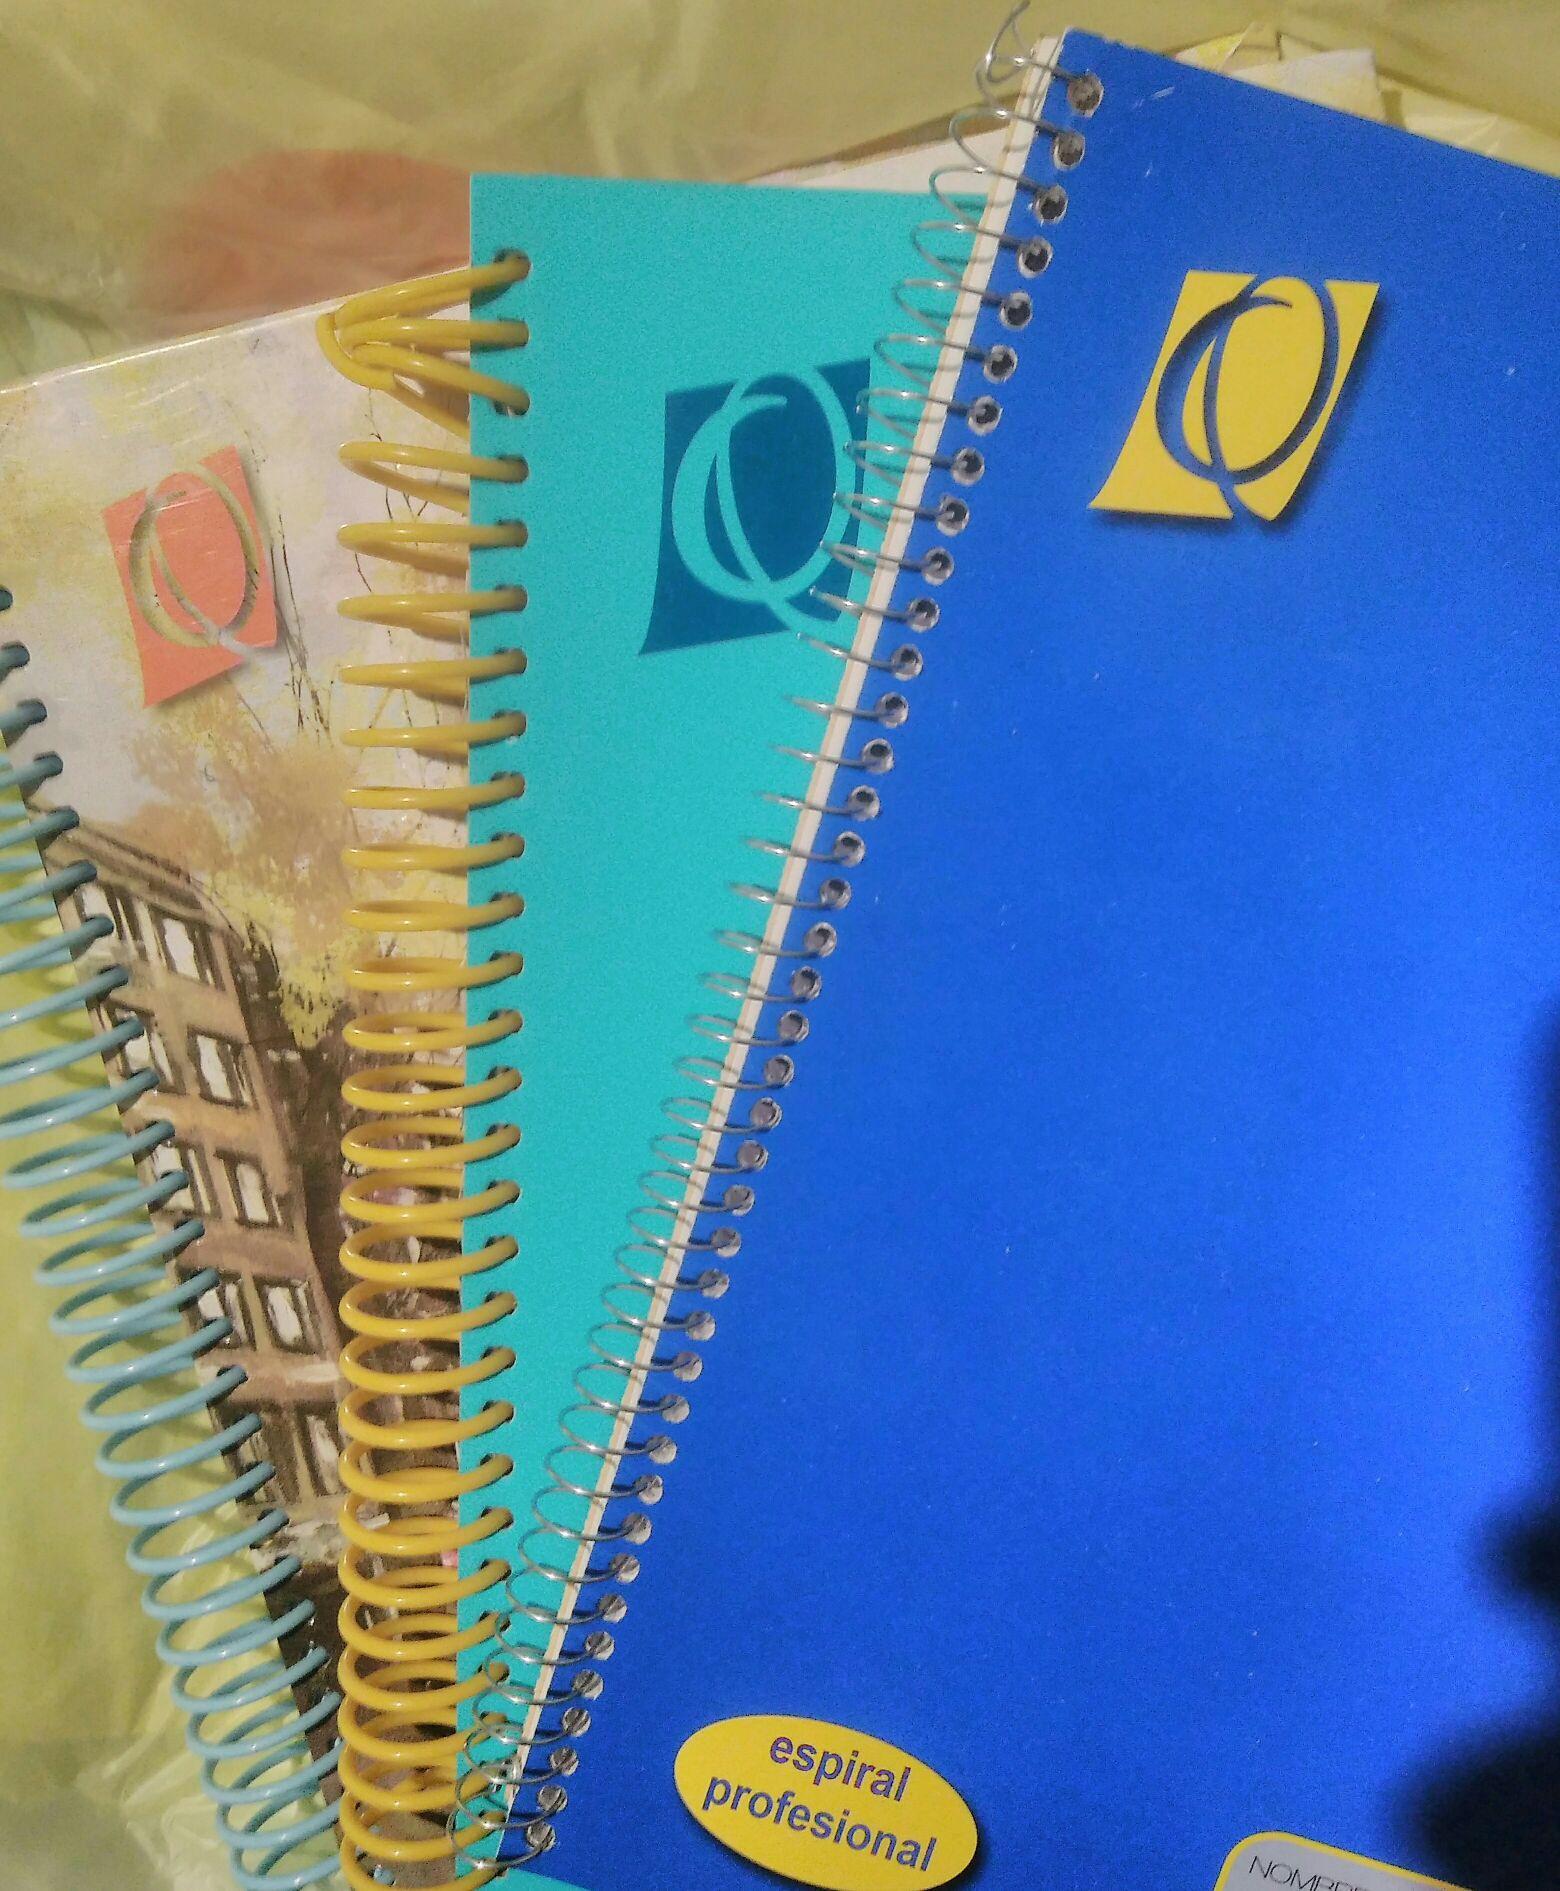 Soriana: Cuadernos profesional 100 hojas, desde...